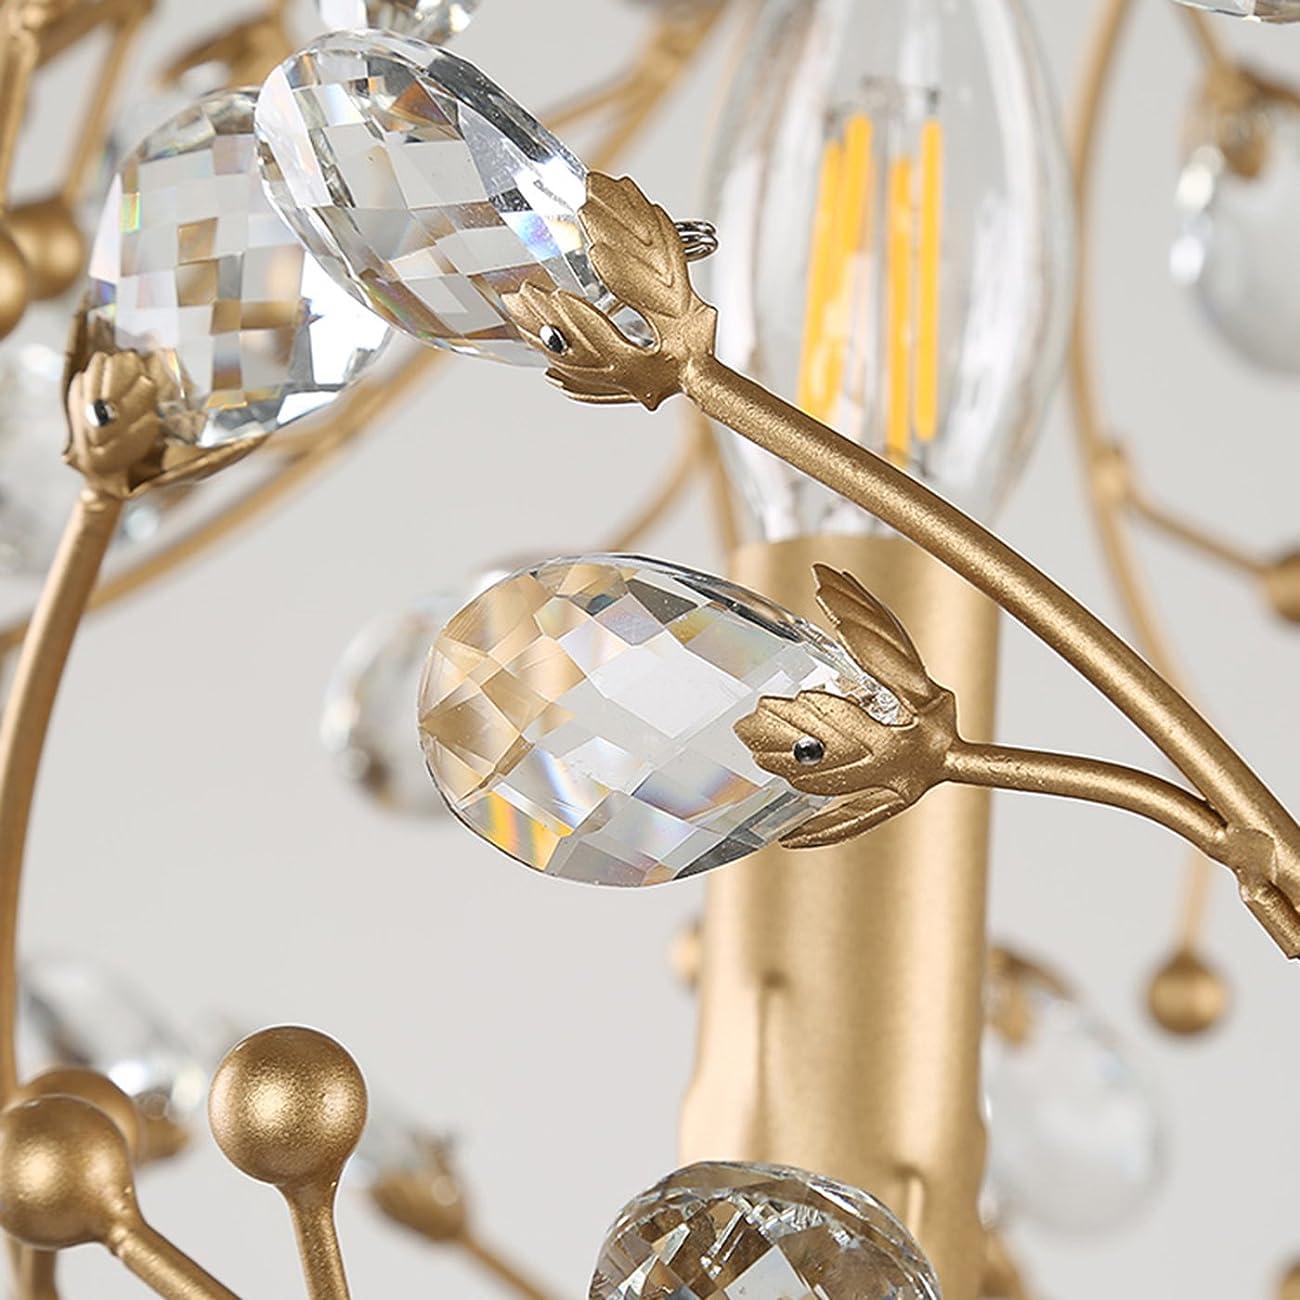 Garwarm Vintage Chandelier 3 lights Antique Pendant light Home Ceiling Light Fixtures Chandeliers Lighting,Golden 5